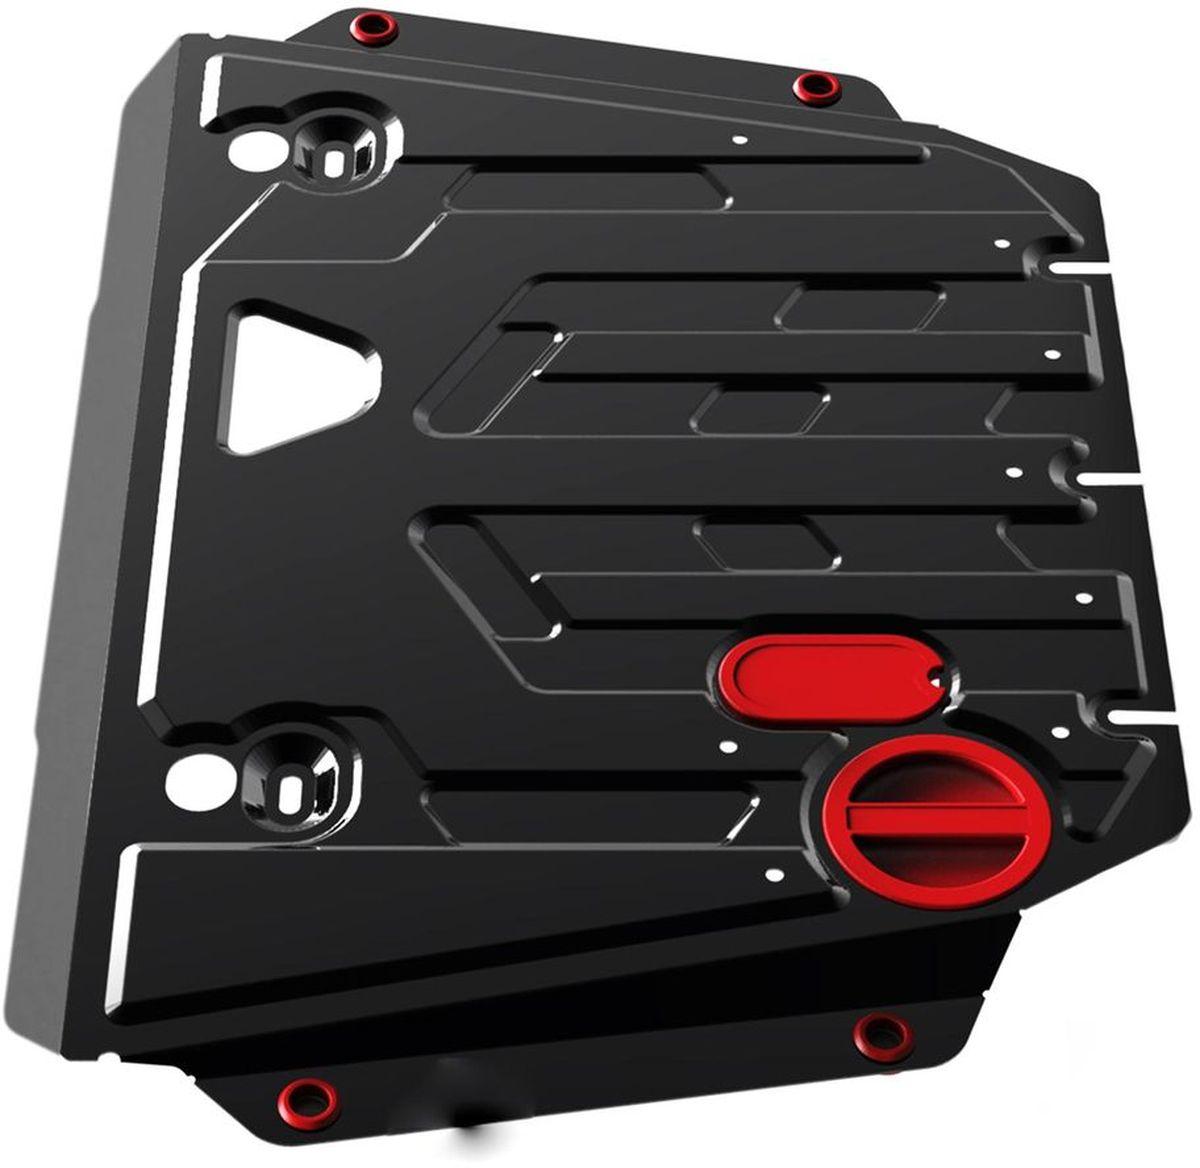 Защита картера и КПП Автоброня, для Hyundai Santa Fe, V - 2,2CRDI; 2,4 (2009-2012)111.02318.1Технологически совершенный продукт за невысокую стоимость. Защита разработана с учетом особенностей днища автомобиля, что позволяет сохранить дорожный просвет с минимальным изменением. Защита устанавливается в штатные места кузова автомобиля. Глубокий штамп обеспечивает до двух раз больше жесткости в сравнении с обычной защитой той же толщины. Проштампованные ребра жесткости препятствуют деформации защиты при ударах. Тепловой зазор и вентиляционные отверстия обеспечивают сохранение температурного режима двигателя в норме. Скрытый крепеж предотвращает срыв крепежных элементов при наезде на препятствие. Шумопоглощающие резиновые элементы обеспечивают комфортную езду без вибраций и скрежета металла, а съемные лючки для слива масла и замены фильтра - экономию средств и время. Конструкция изделия не влияет на пассивную безопасность автомобиля (при ударе защита не воздействует на деформационные зоны кузова). Со штатным крепежом. В комплекте инструкция по установке....